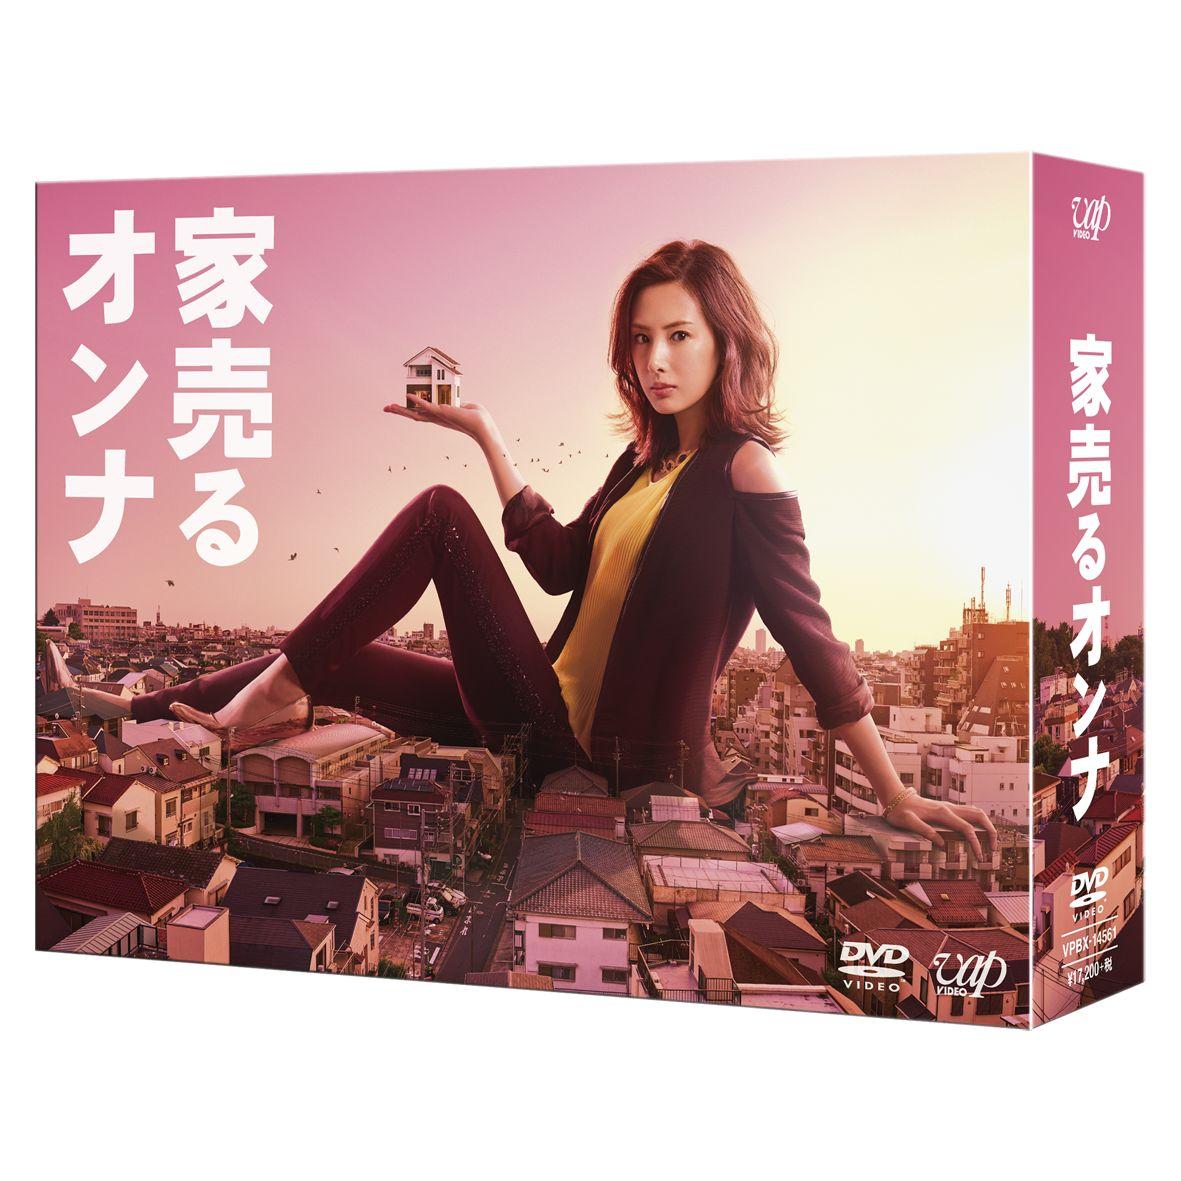 家売るオンナ DVD-BOX[VPBX-14561][DVD] 製品画像